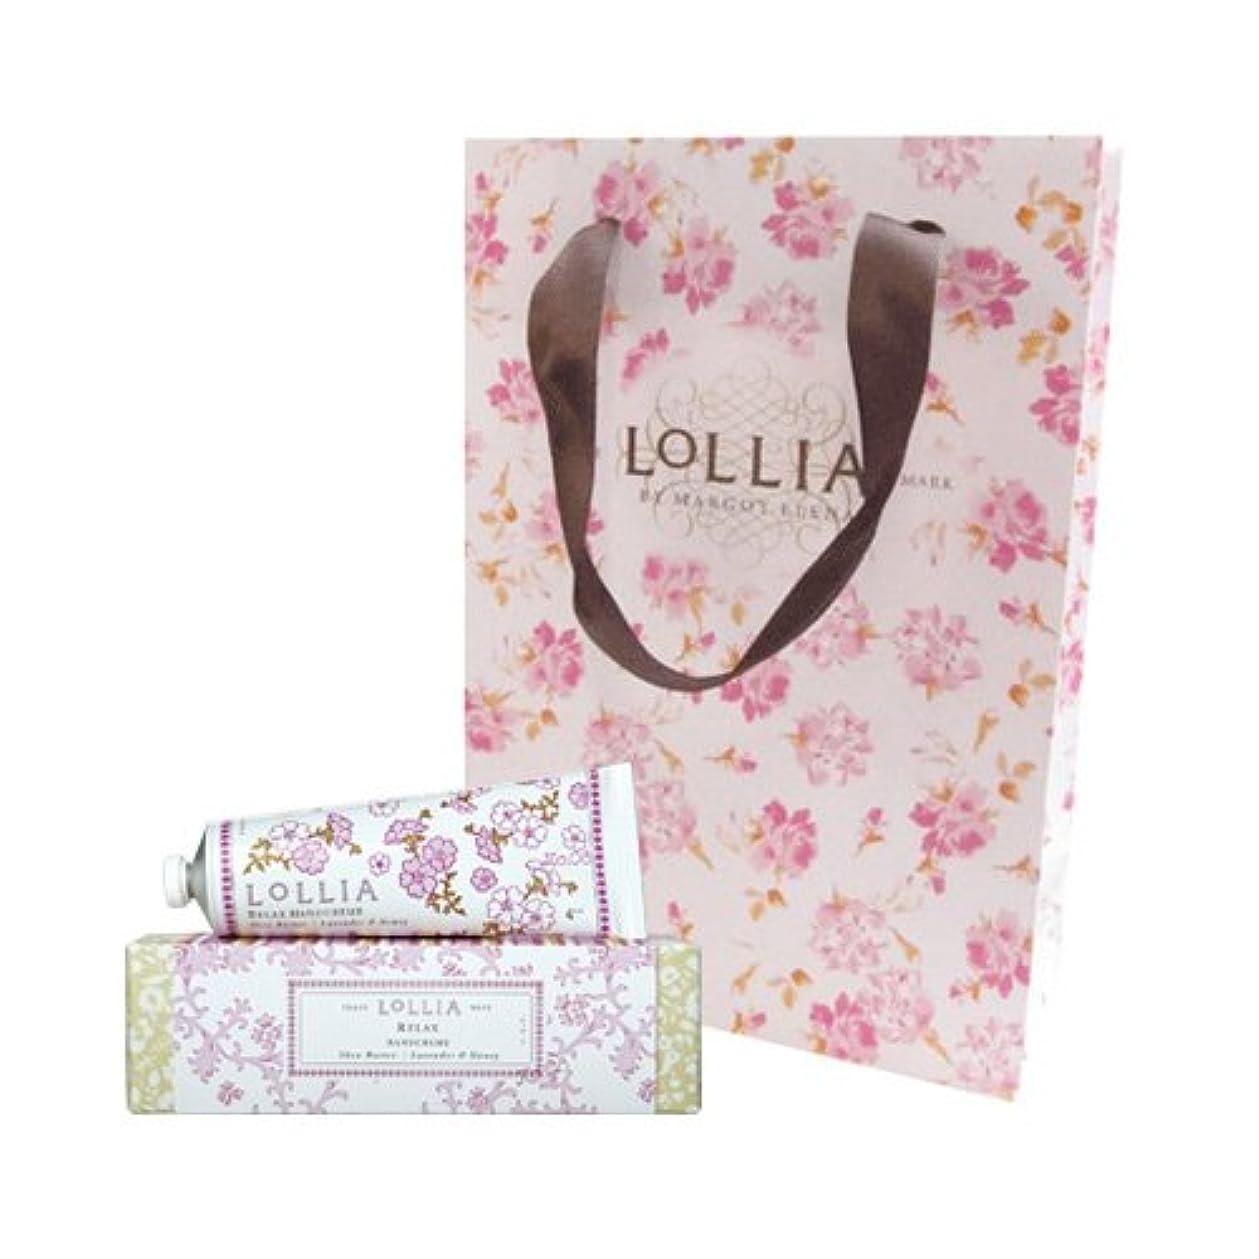 歯科の血色の良いレポートを書くロリア(LoLLIA) ハンドクリーム Relax 35g (蘭、ラベンダー、バニラとハニーの甘い香り) ショッパー付